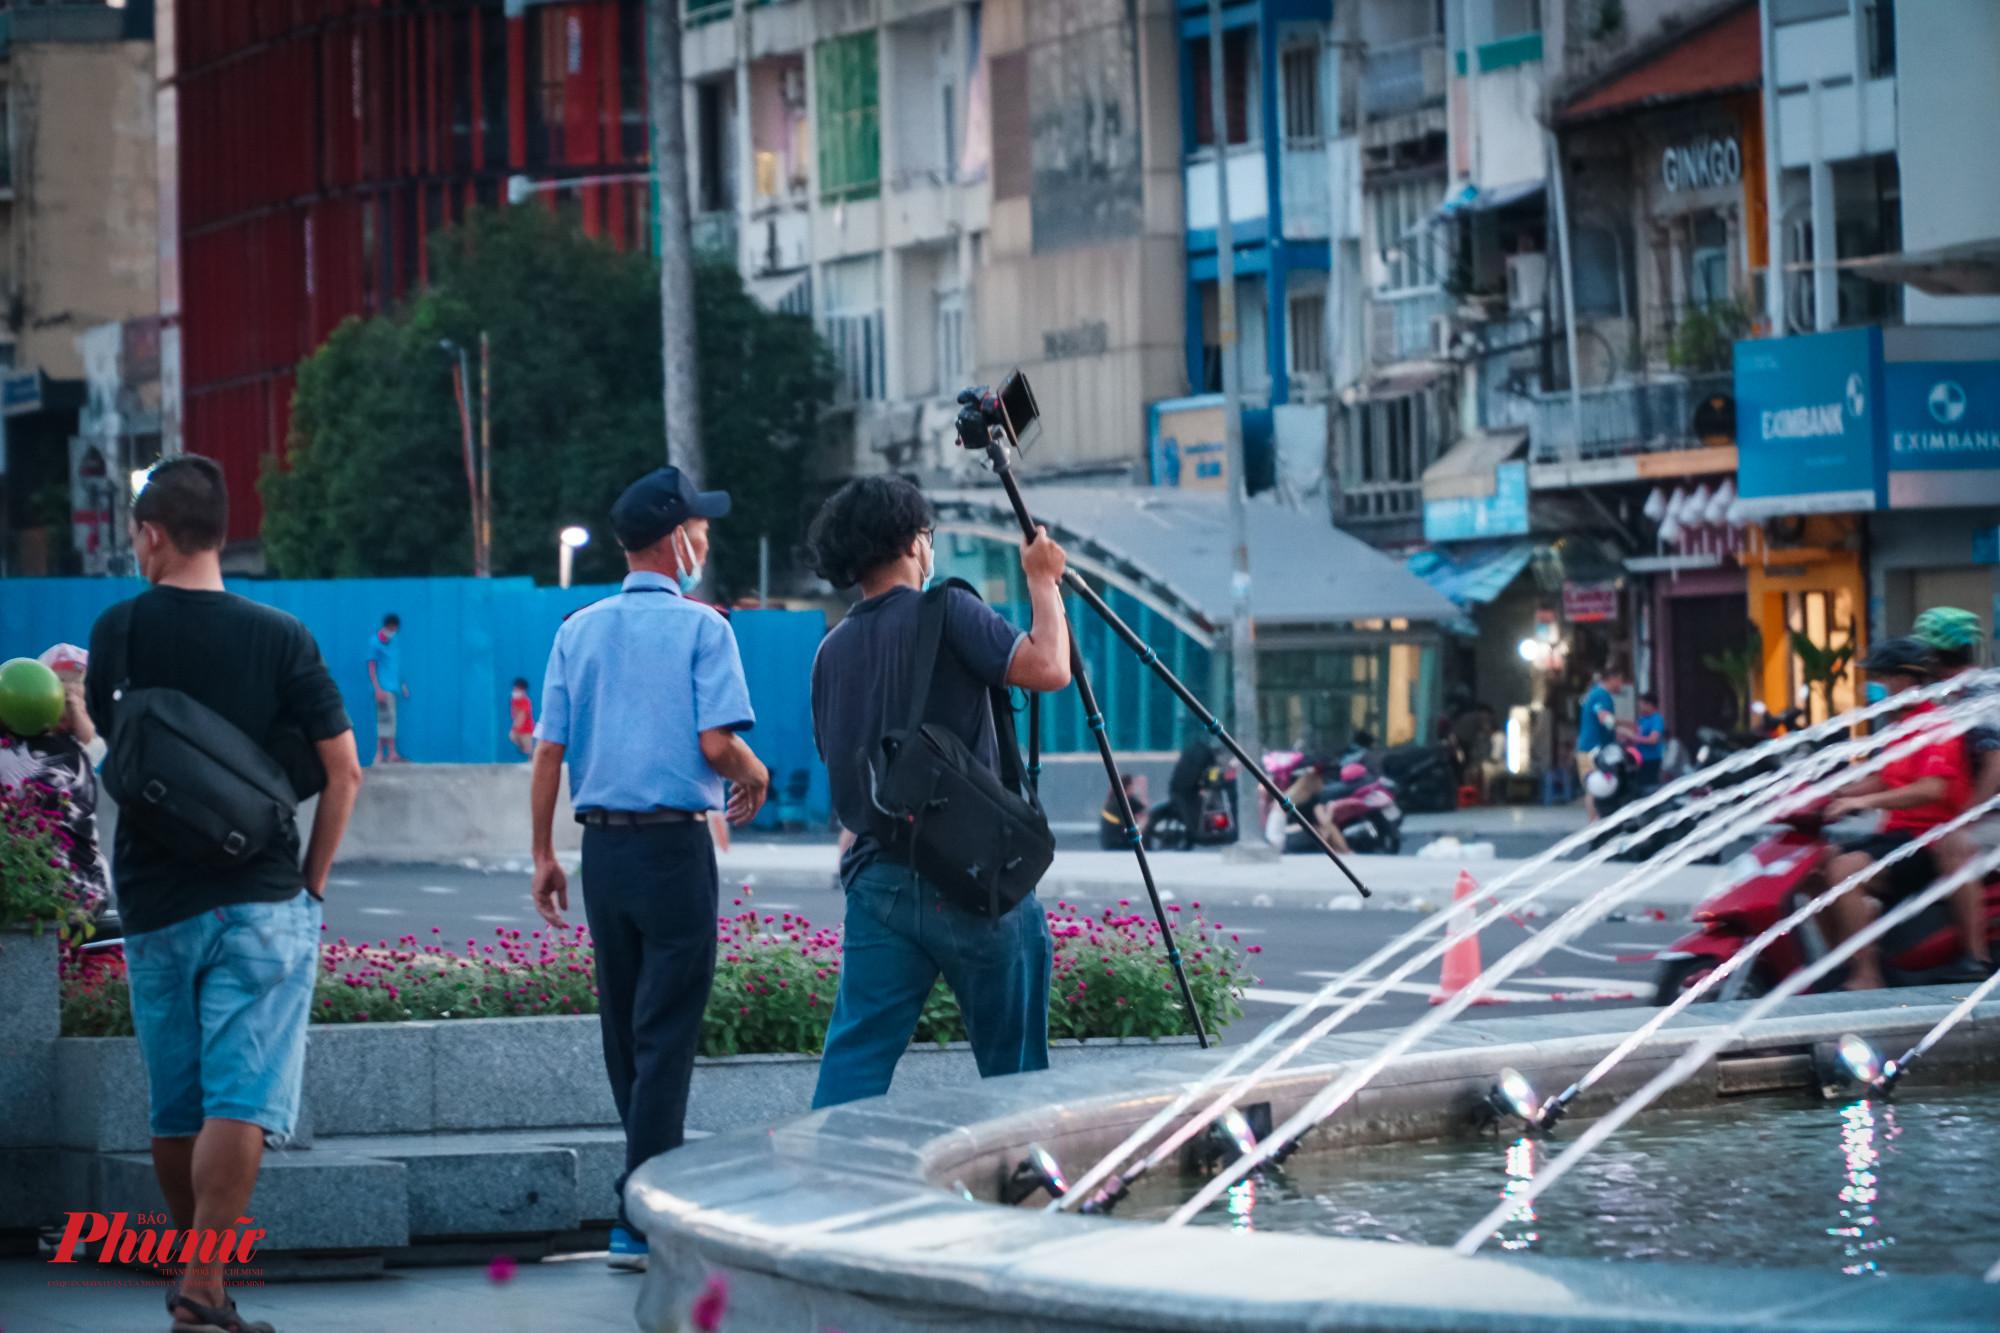 Tại khu vực đối diện công viên Lam Sơn, nhiều nhiều dân vẫn còn tụ tập và ngay lập tức được lực lượng bảo vệ nhắc nhở, mời đi